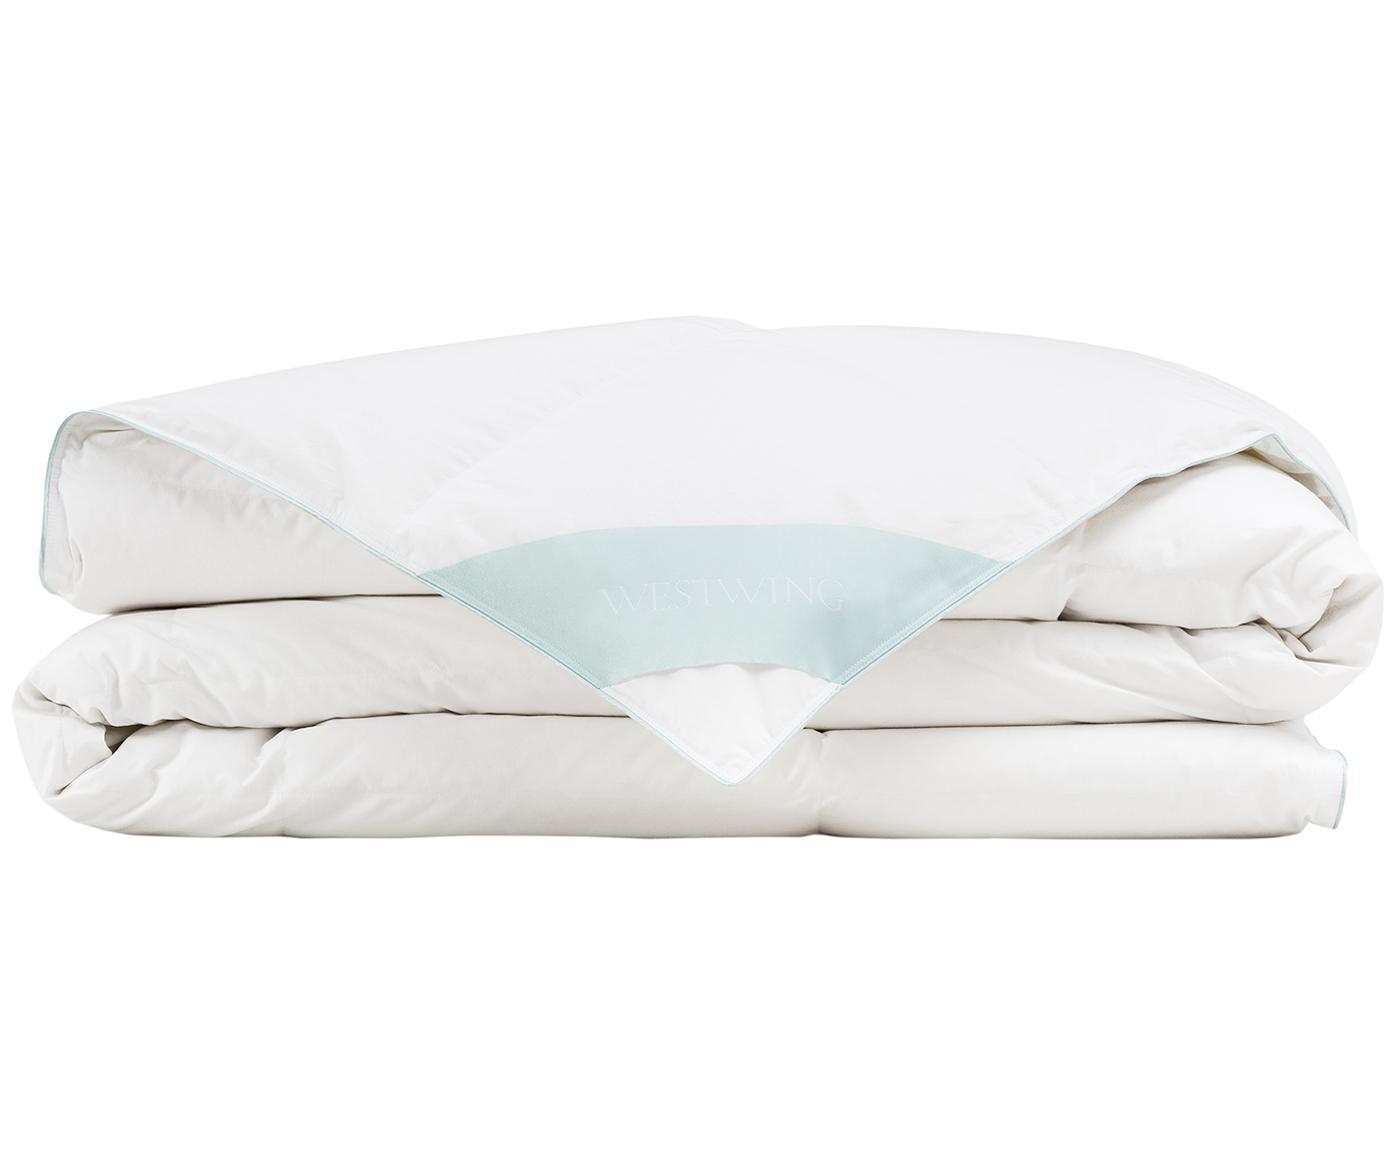 Reine Daunen-Bettdecke Premium, leicht, Hülle: 100% Baumwolle, feine Mak, Weiß, 155 x 220 cm